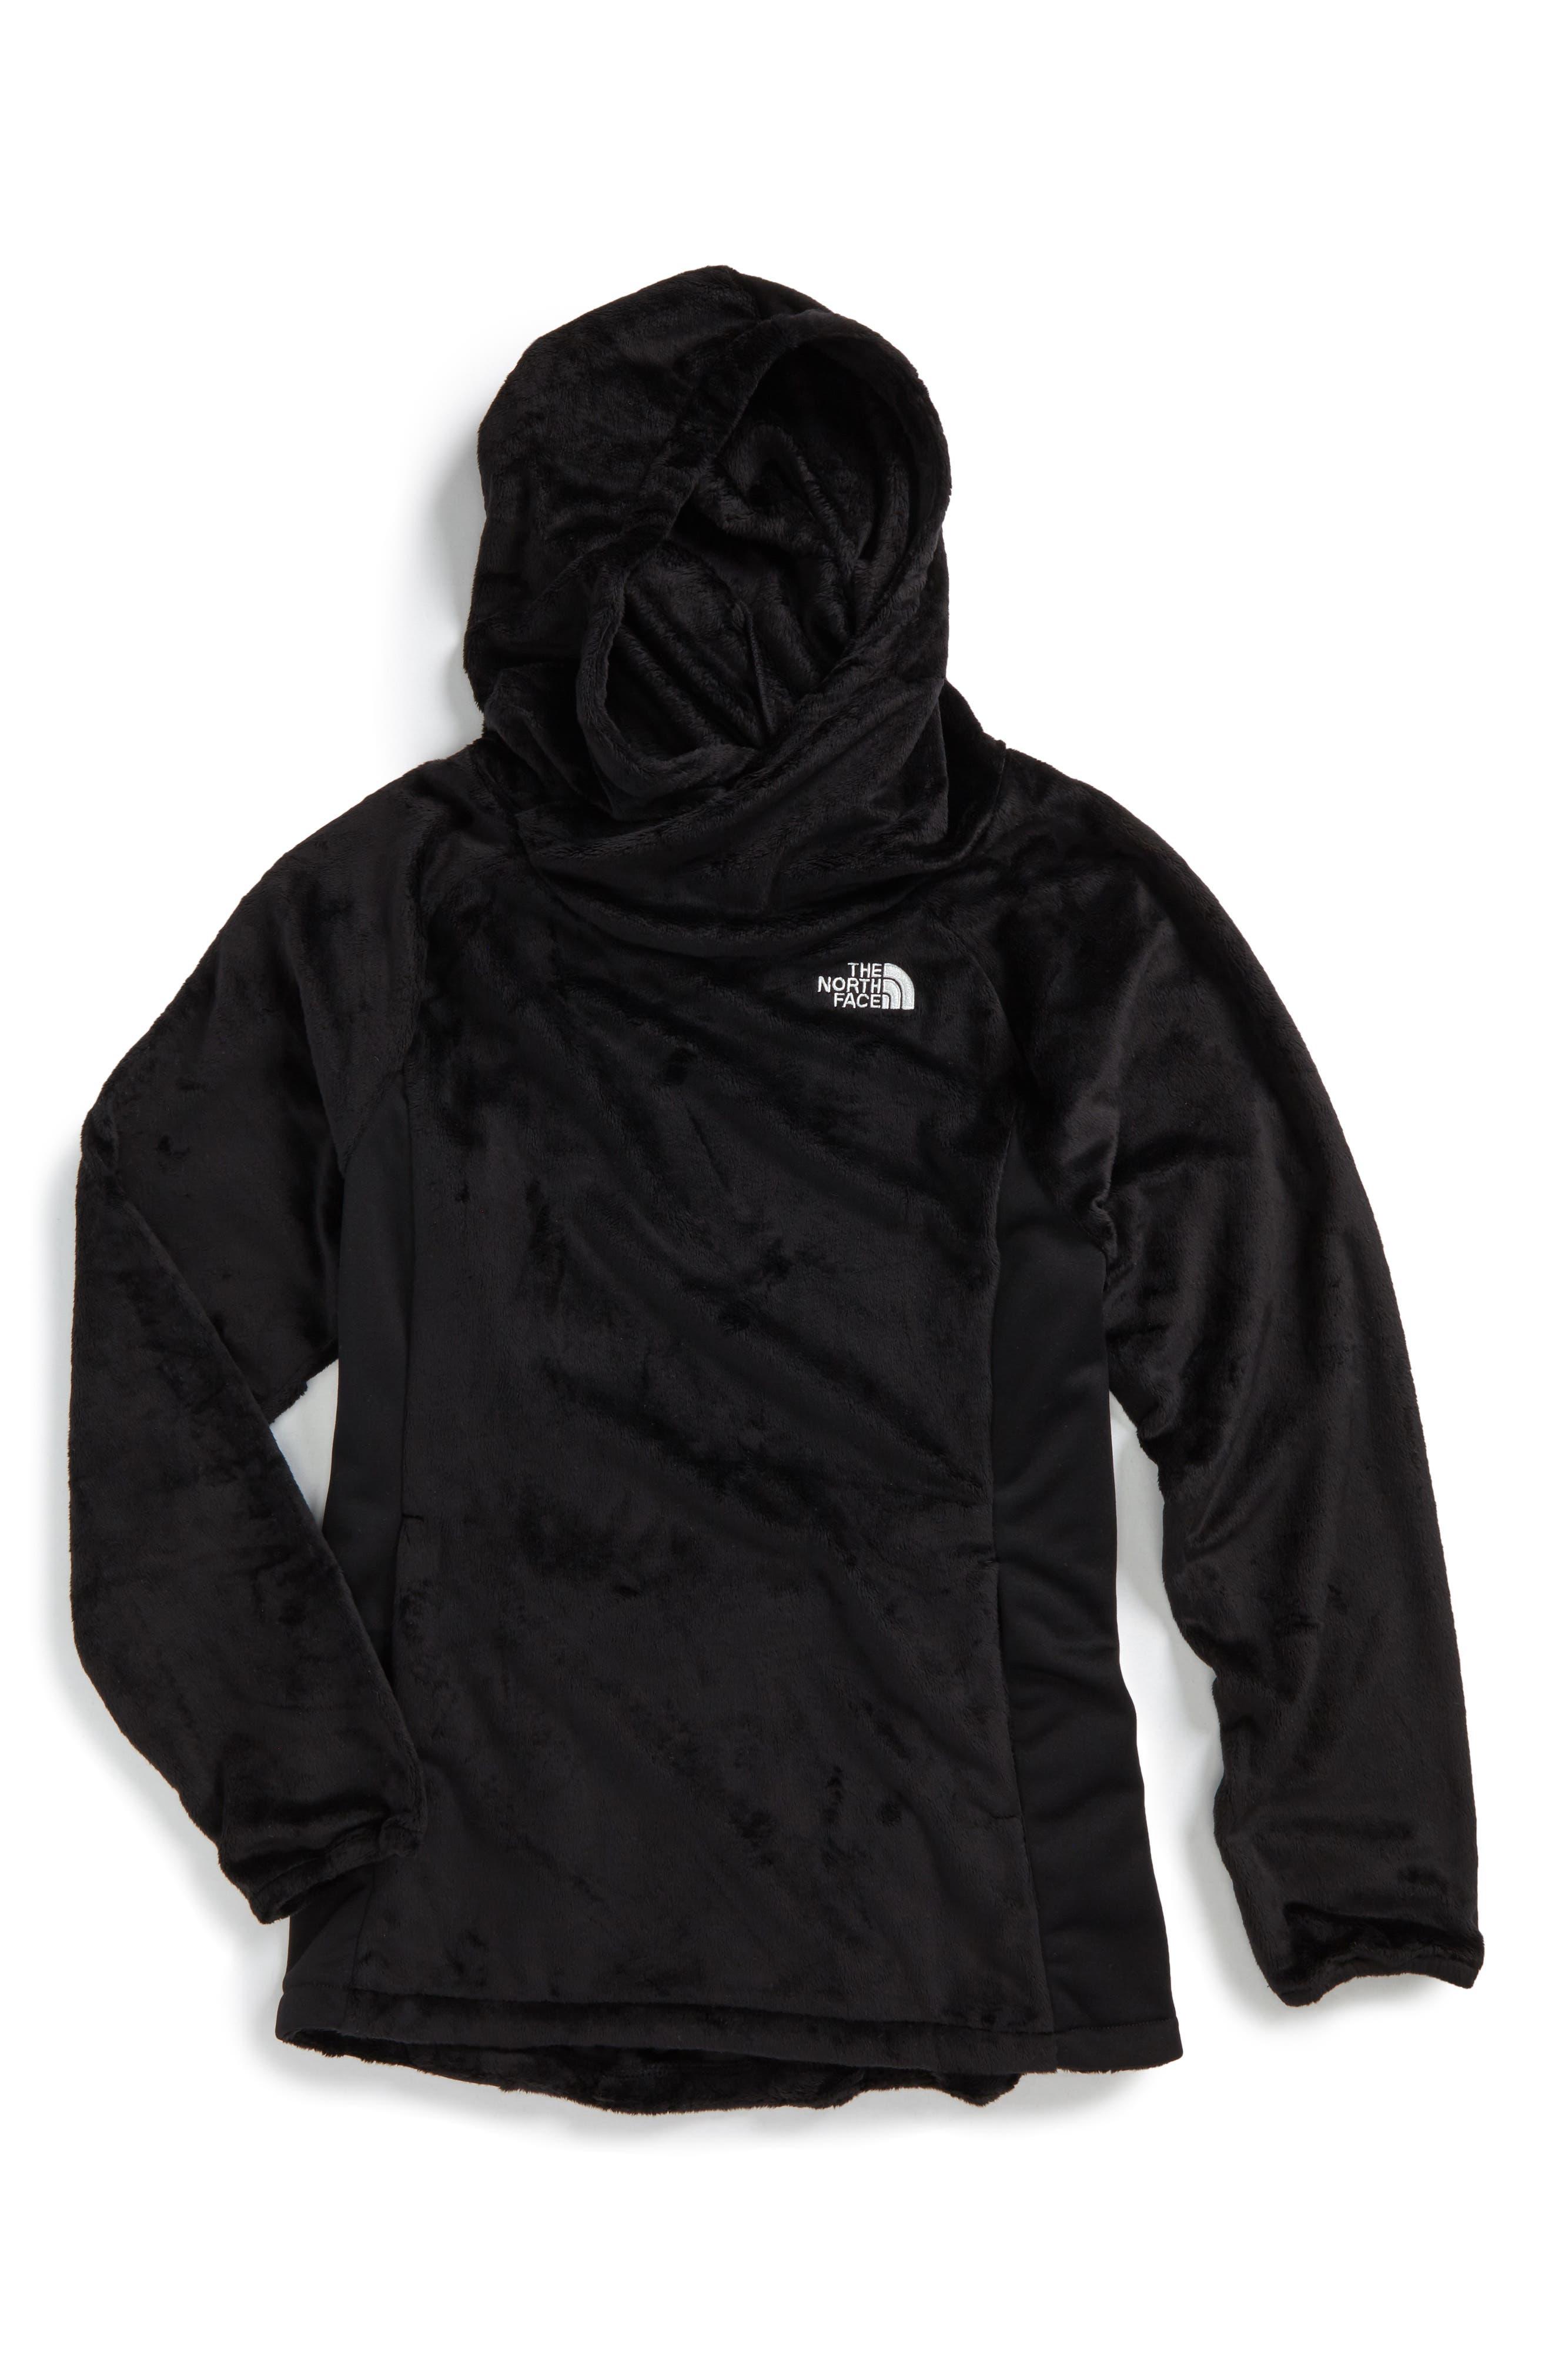 Oso Fleece Pullover,                         Main,                         color, Tnf Black